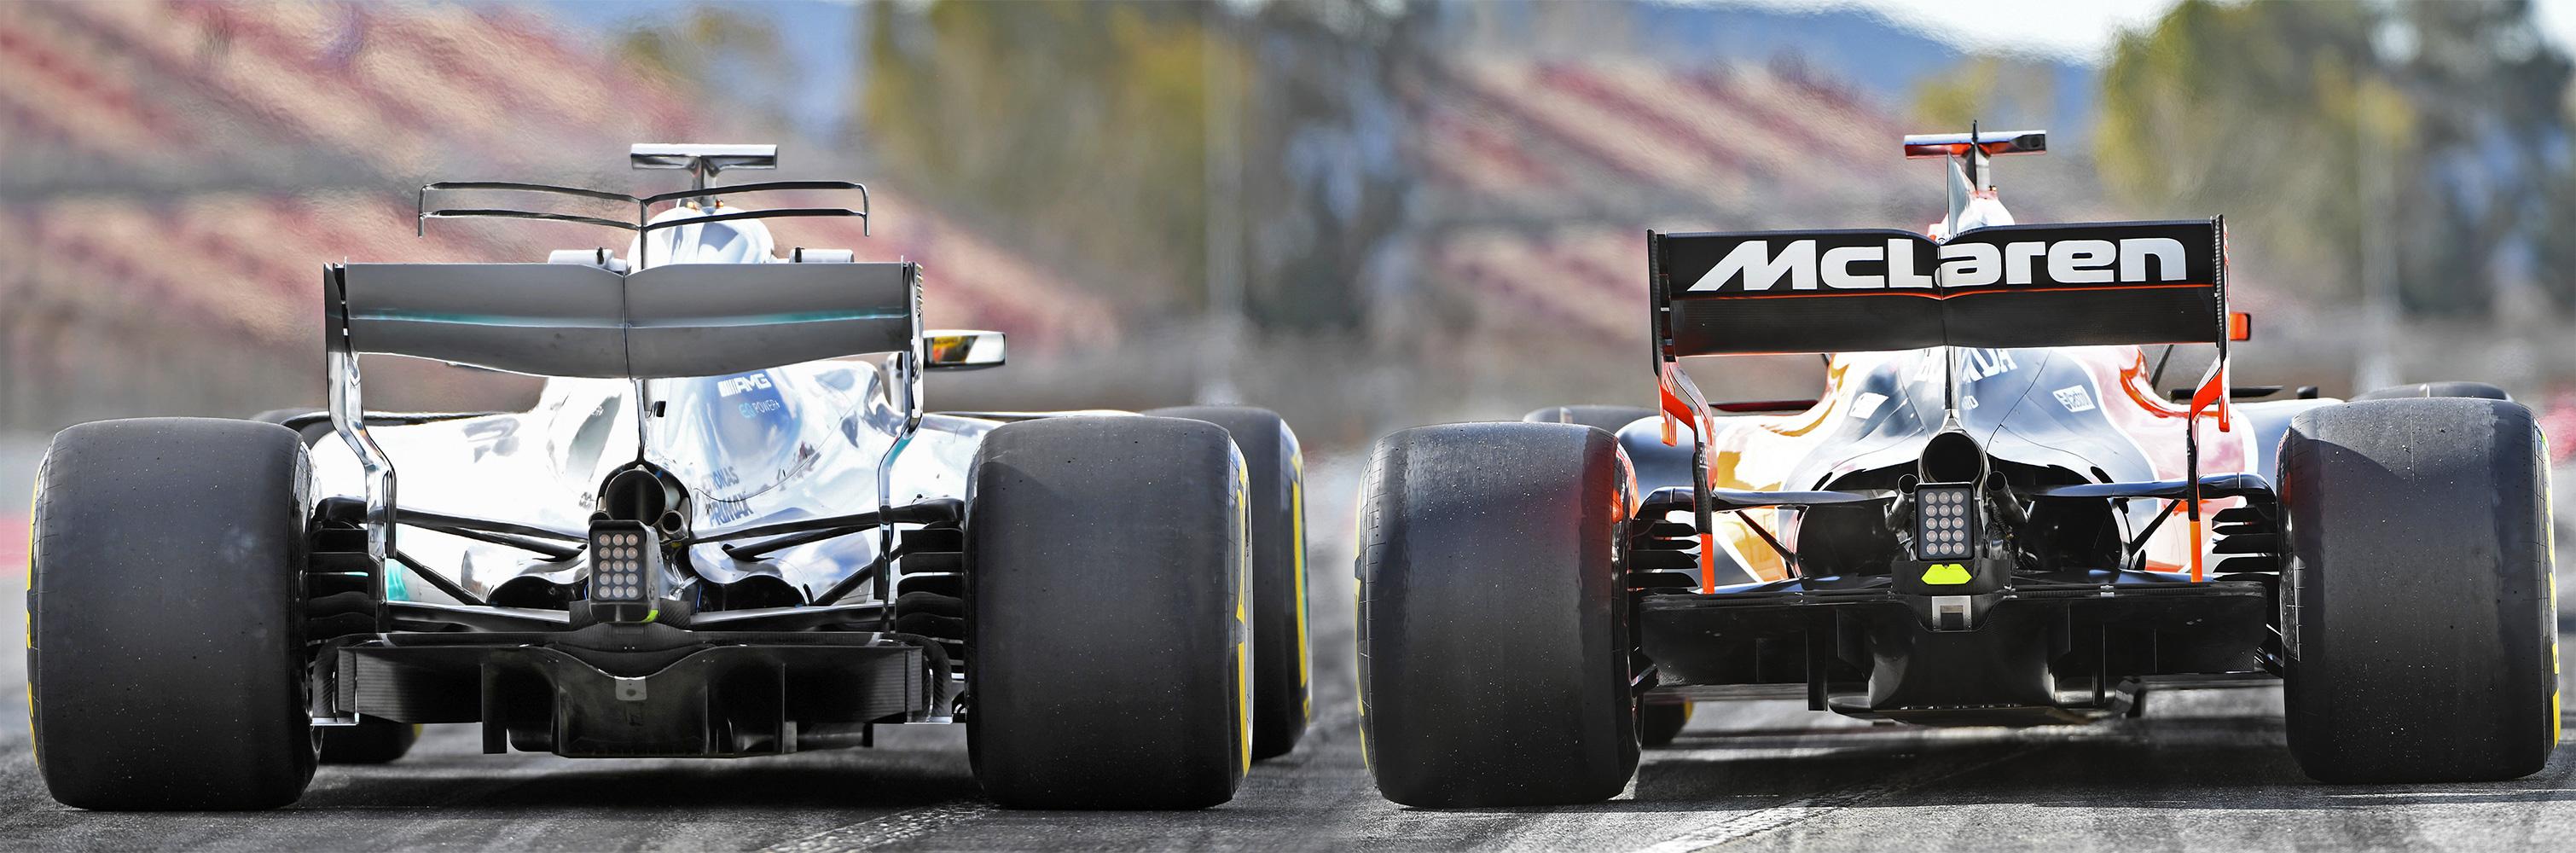 Comparativa McLaren Mercedes